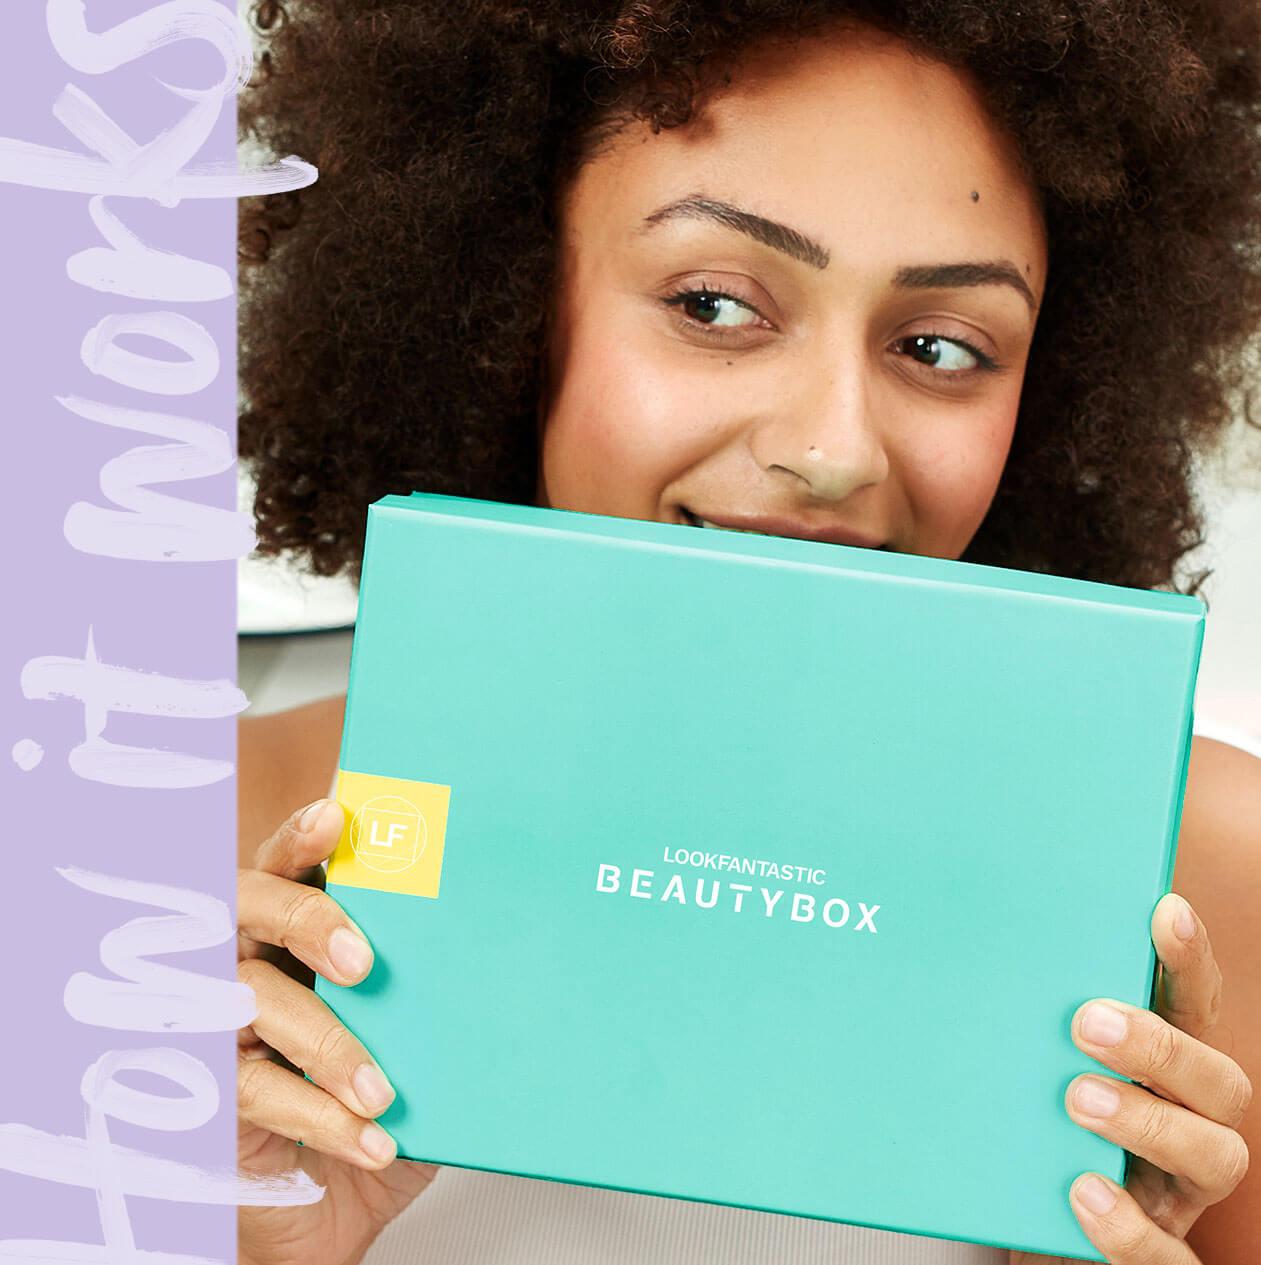 Lees meer over de lookfantastic Beauty Box, een maandelijks abonnement dat 6 samengestelde schoonheidsproducten ter waarde van meer dan € 55 levert aan een wereldwijde gemeenschap van abonnees. Ontdek een abonnement dat bij u past vanuit onze abonnementen van 1, 3, 6 of 12 maanden.